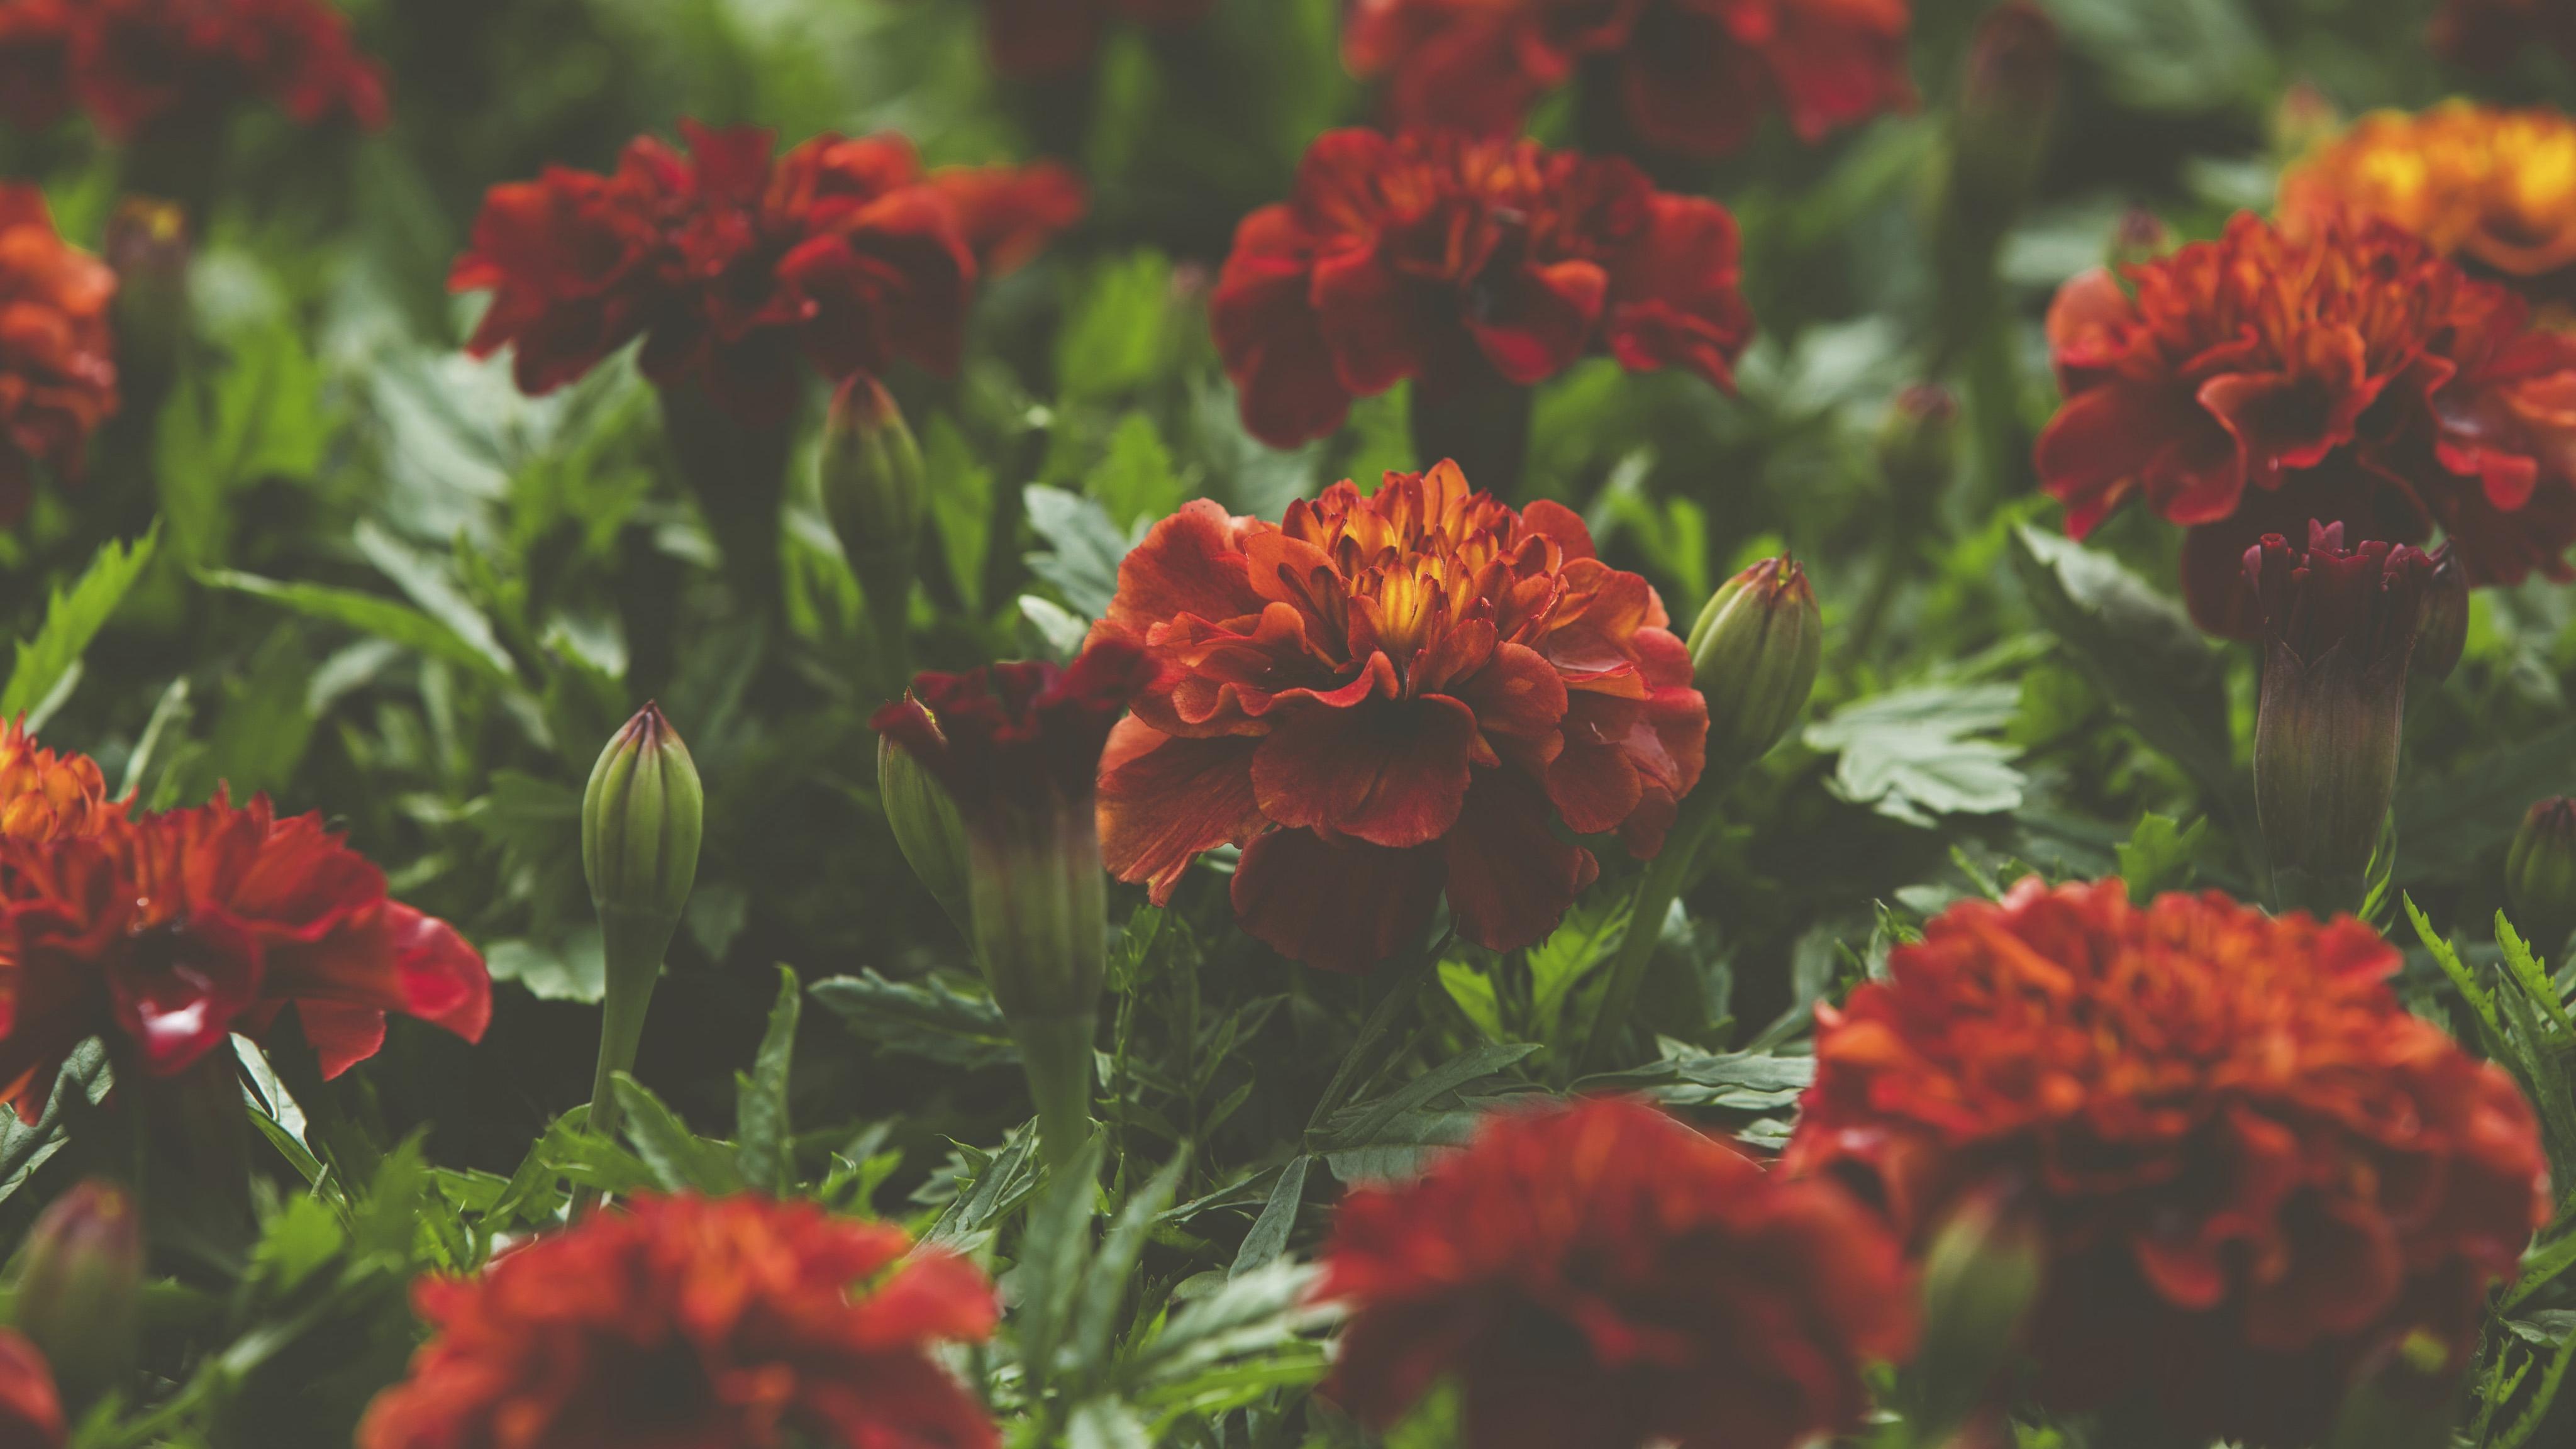 Samettikukka on perinteinen puutarhakasvi, jonka värit vaihtelevat keltaisen oranssista ruskeanpunaiseen ja kirjavaan.